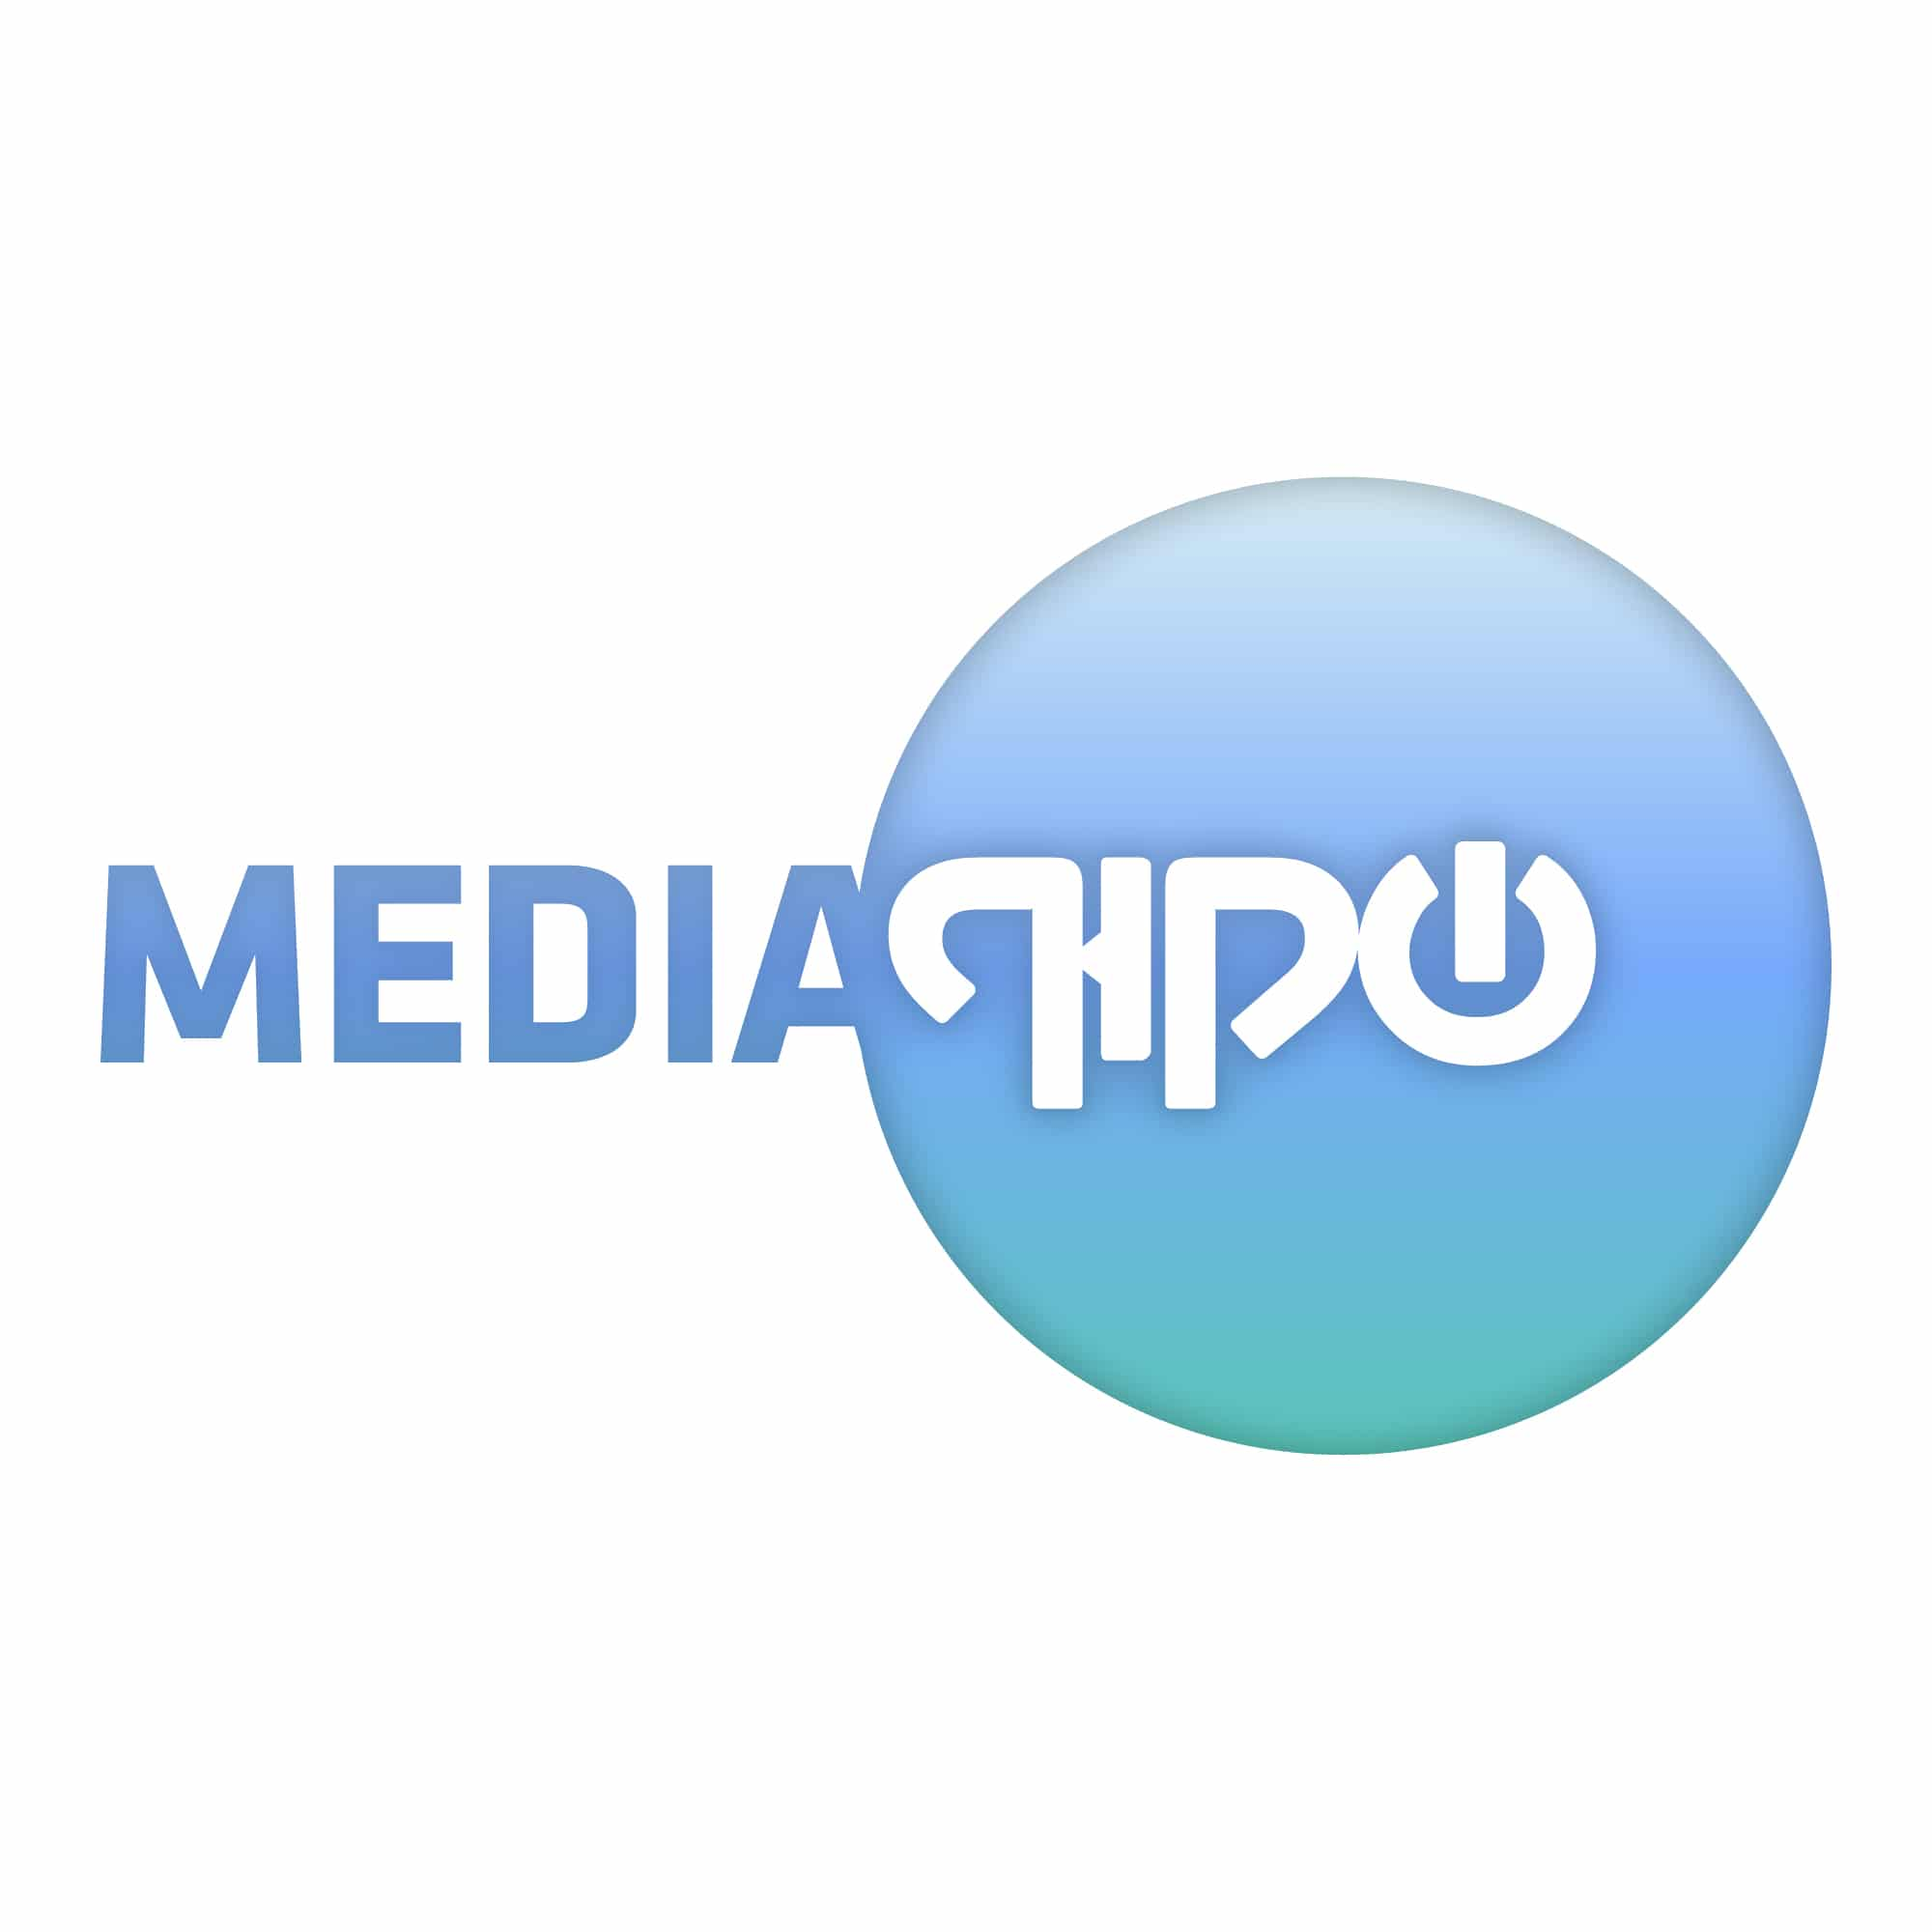 לוגו שקוף מדיה